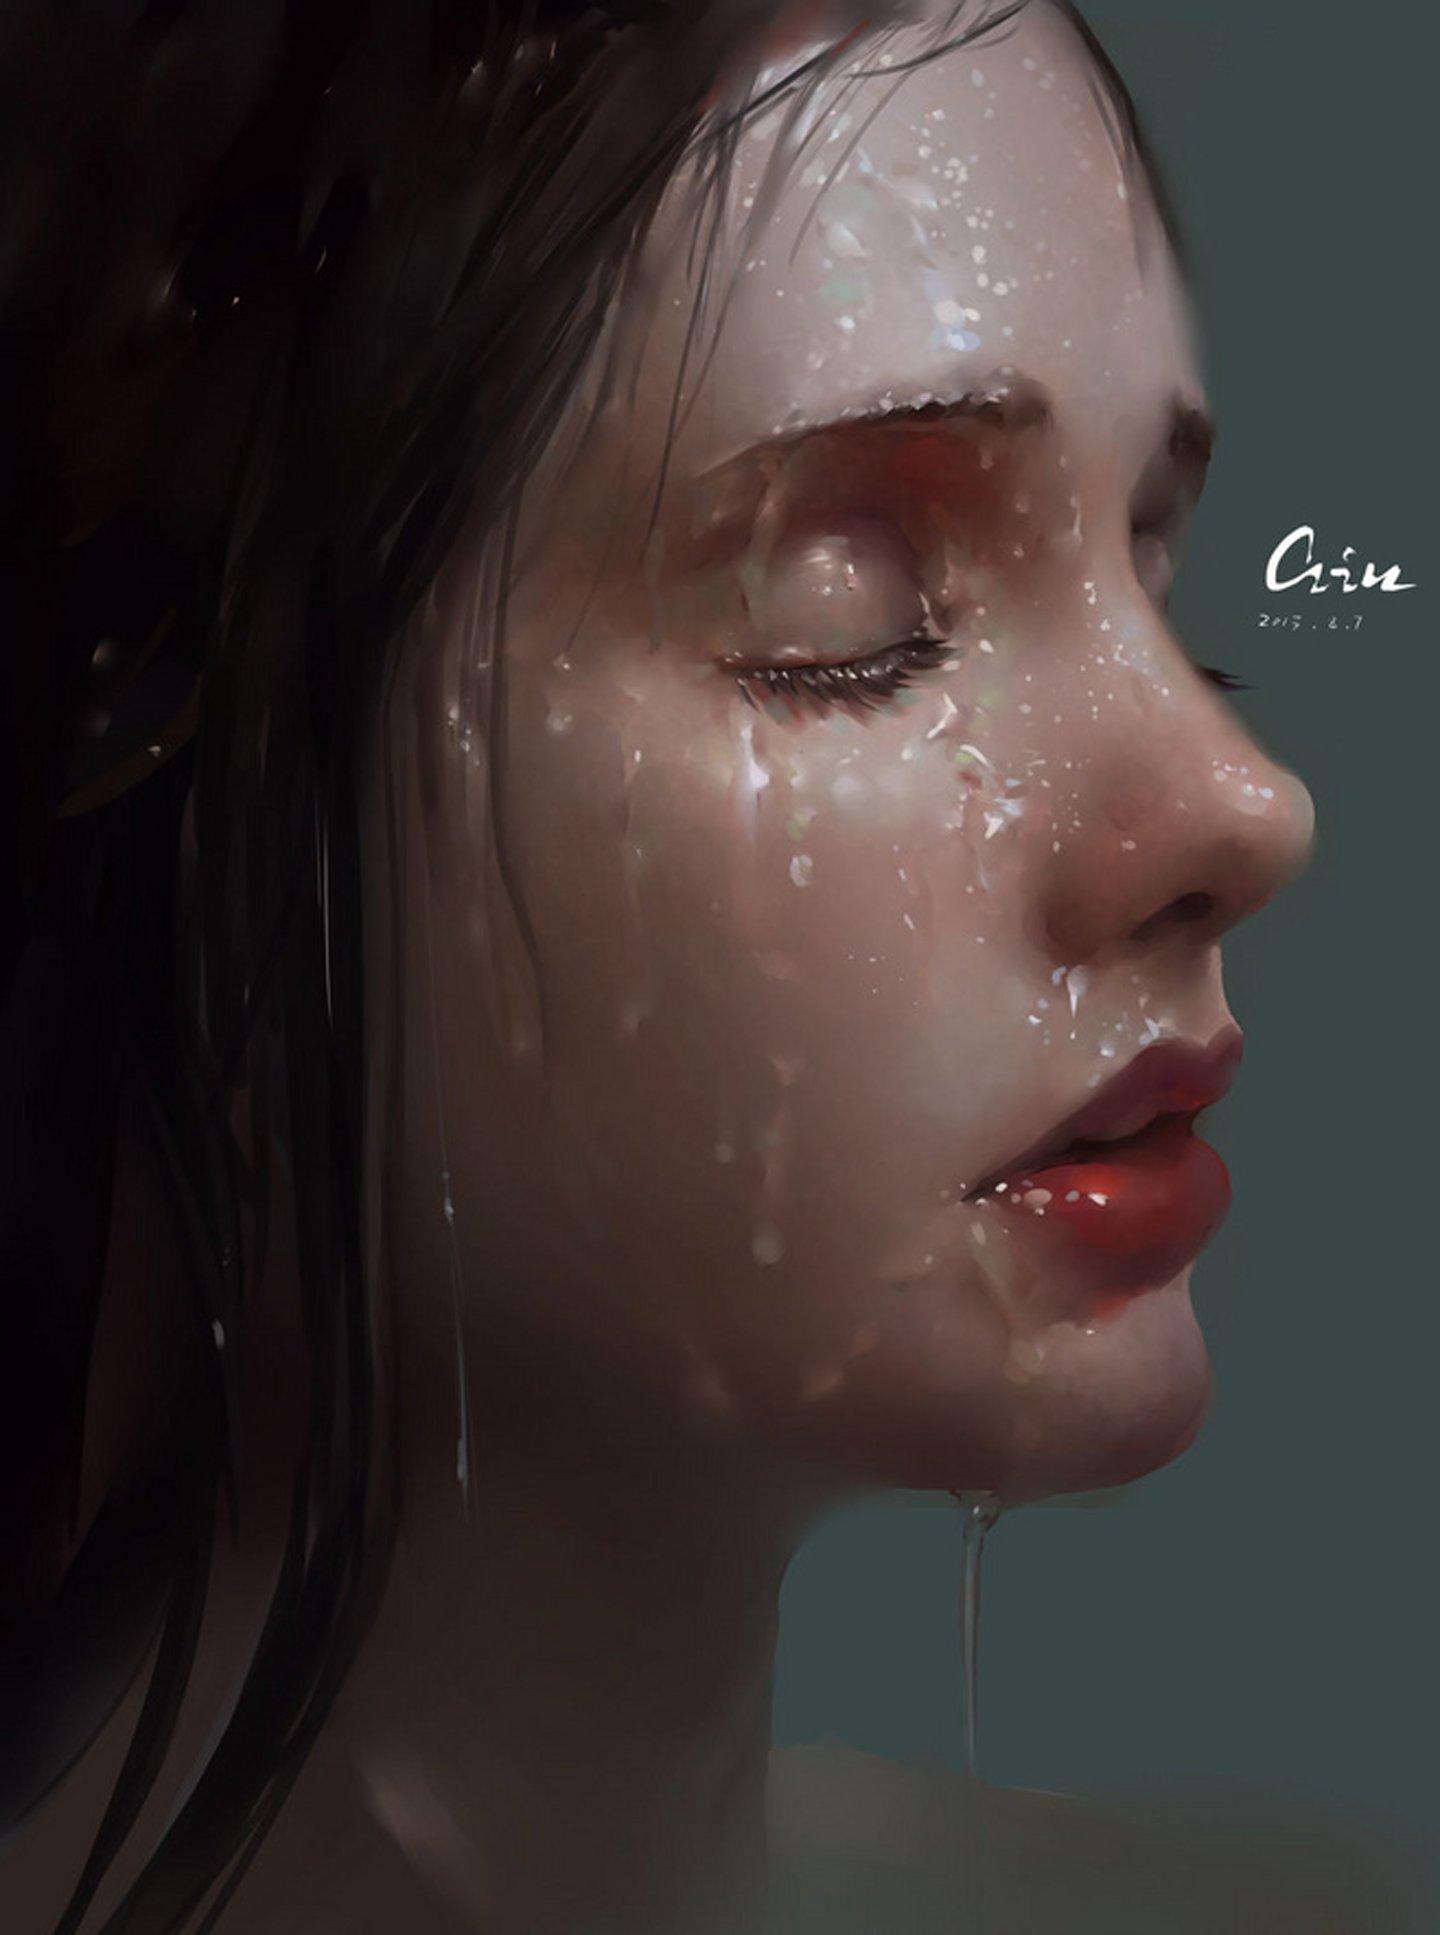 Water girl lips red 3d wallpaper | 1440x1935 | 524465 | WallpaperUP